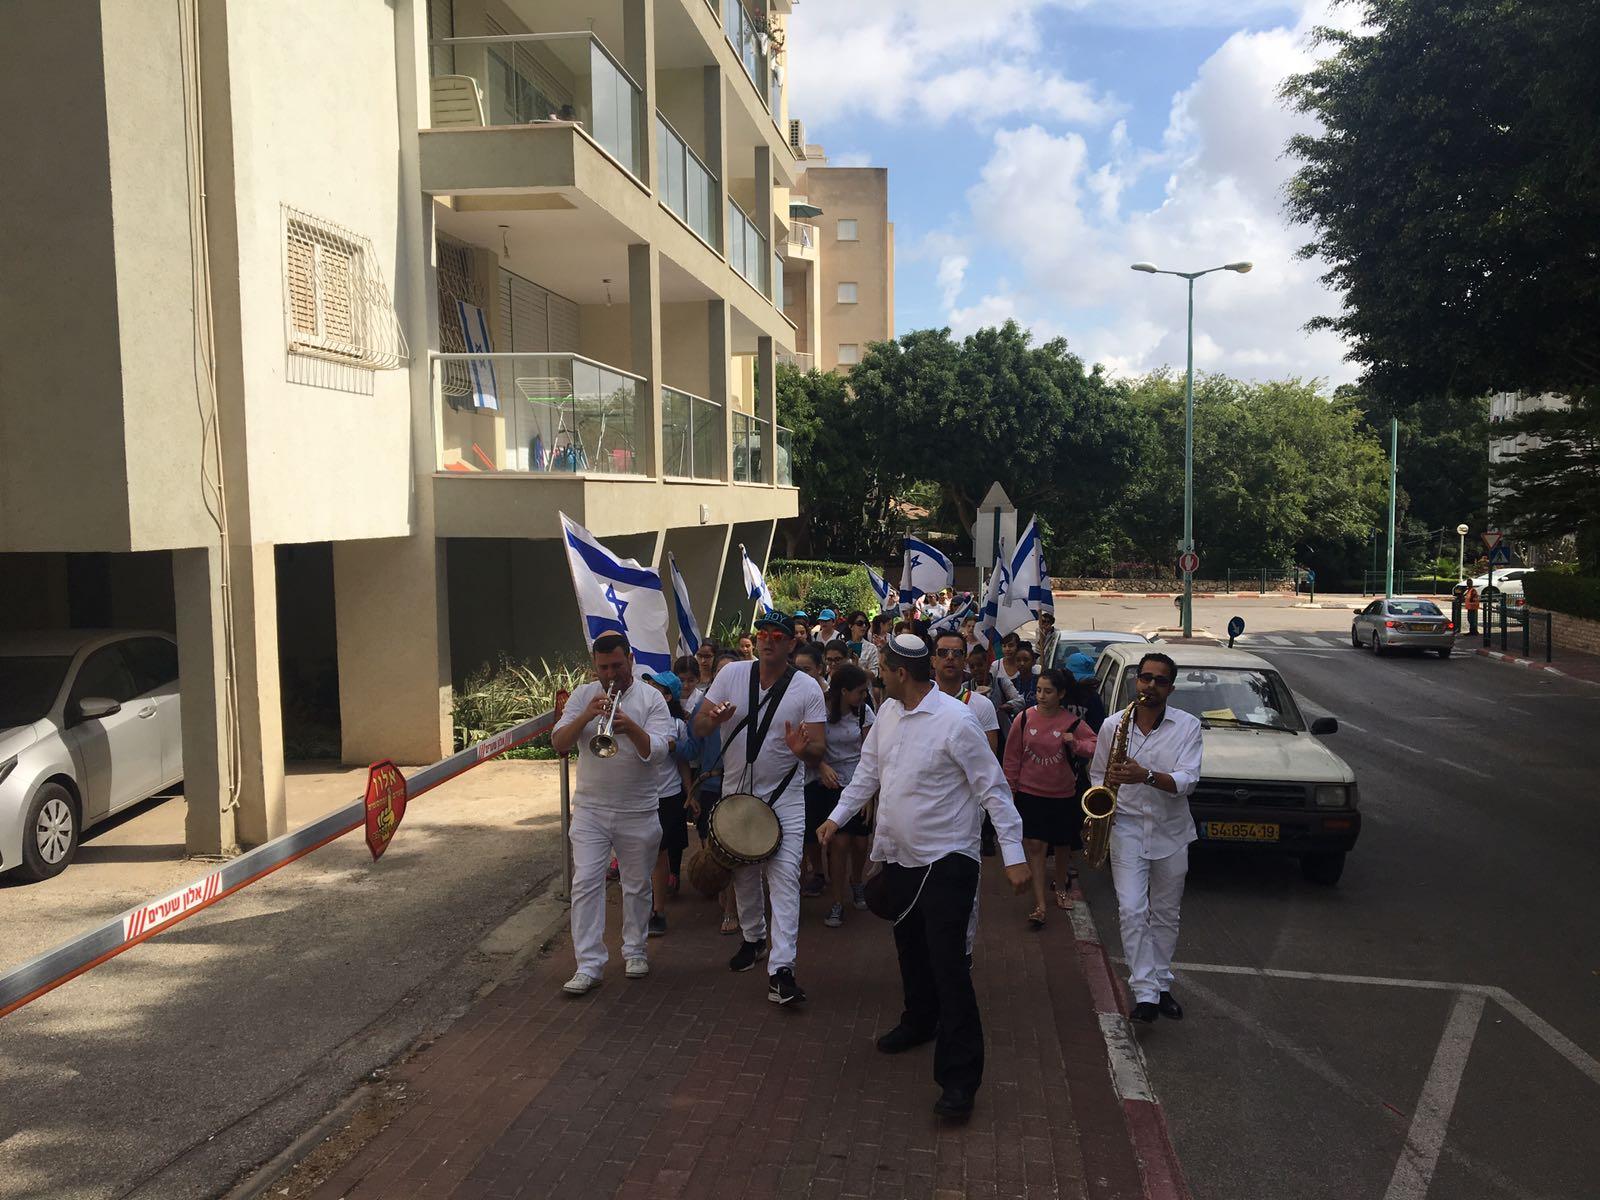 צפו: בית חינוך יוצר חמ״ד אורי אורבך צעדו לכבודה של ירושלים